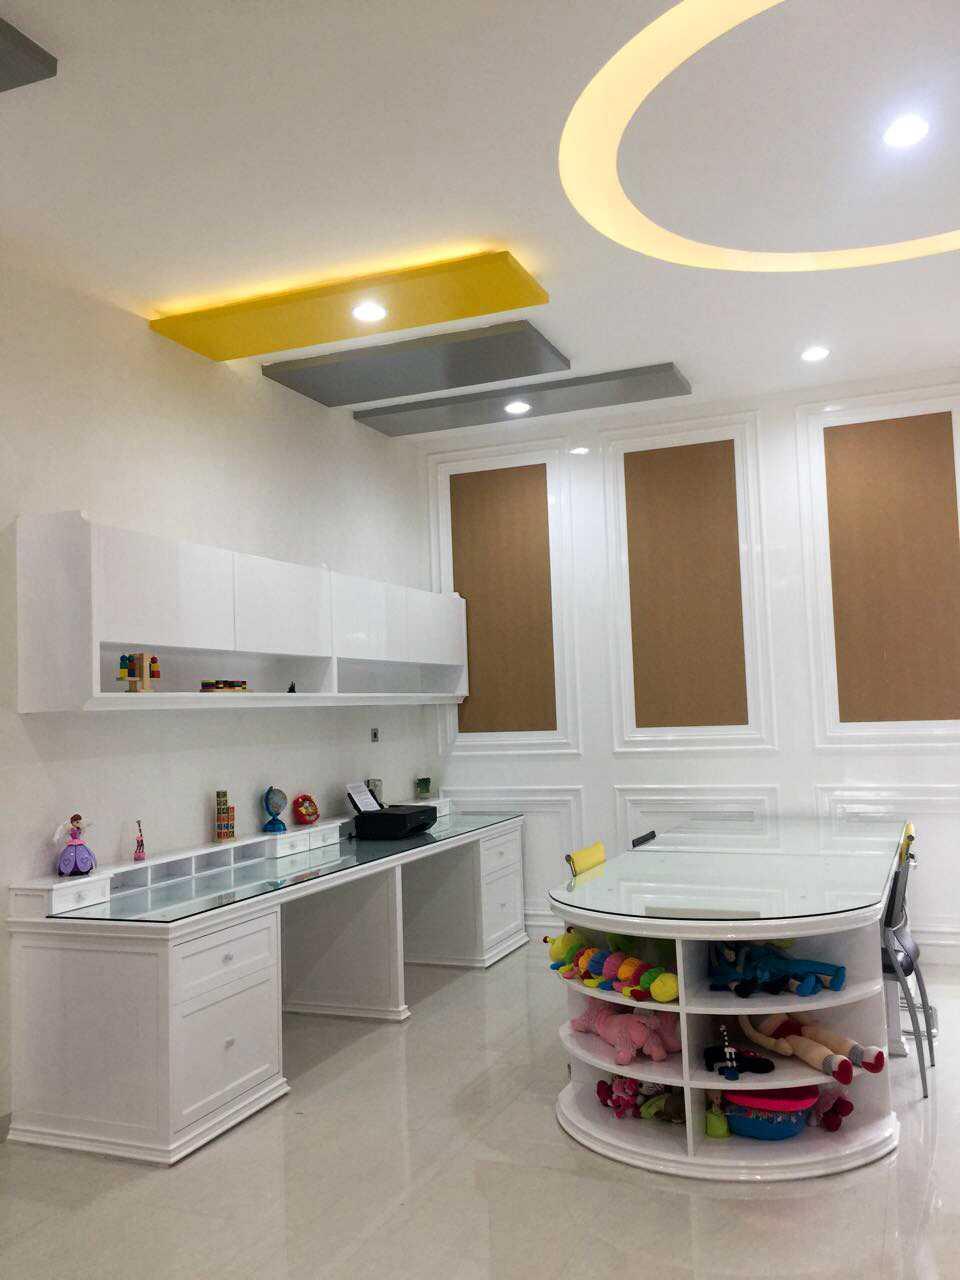 Foto inspirasi ide desain ruang belajar modern Private residence oleh G | Momentcapture di Arsitag